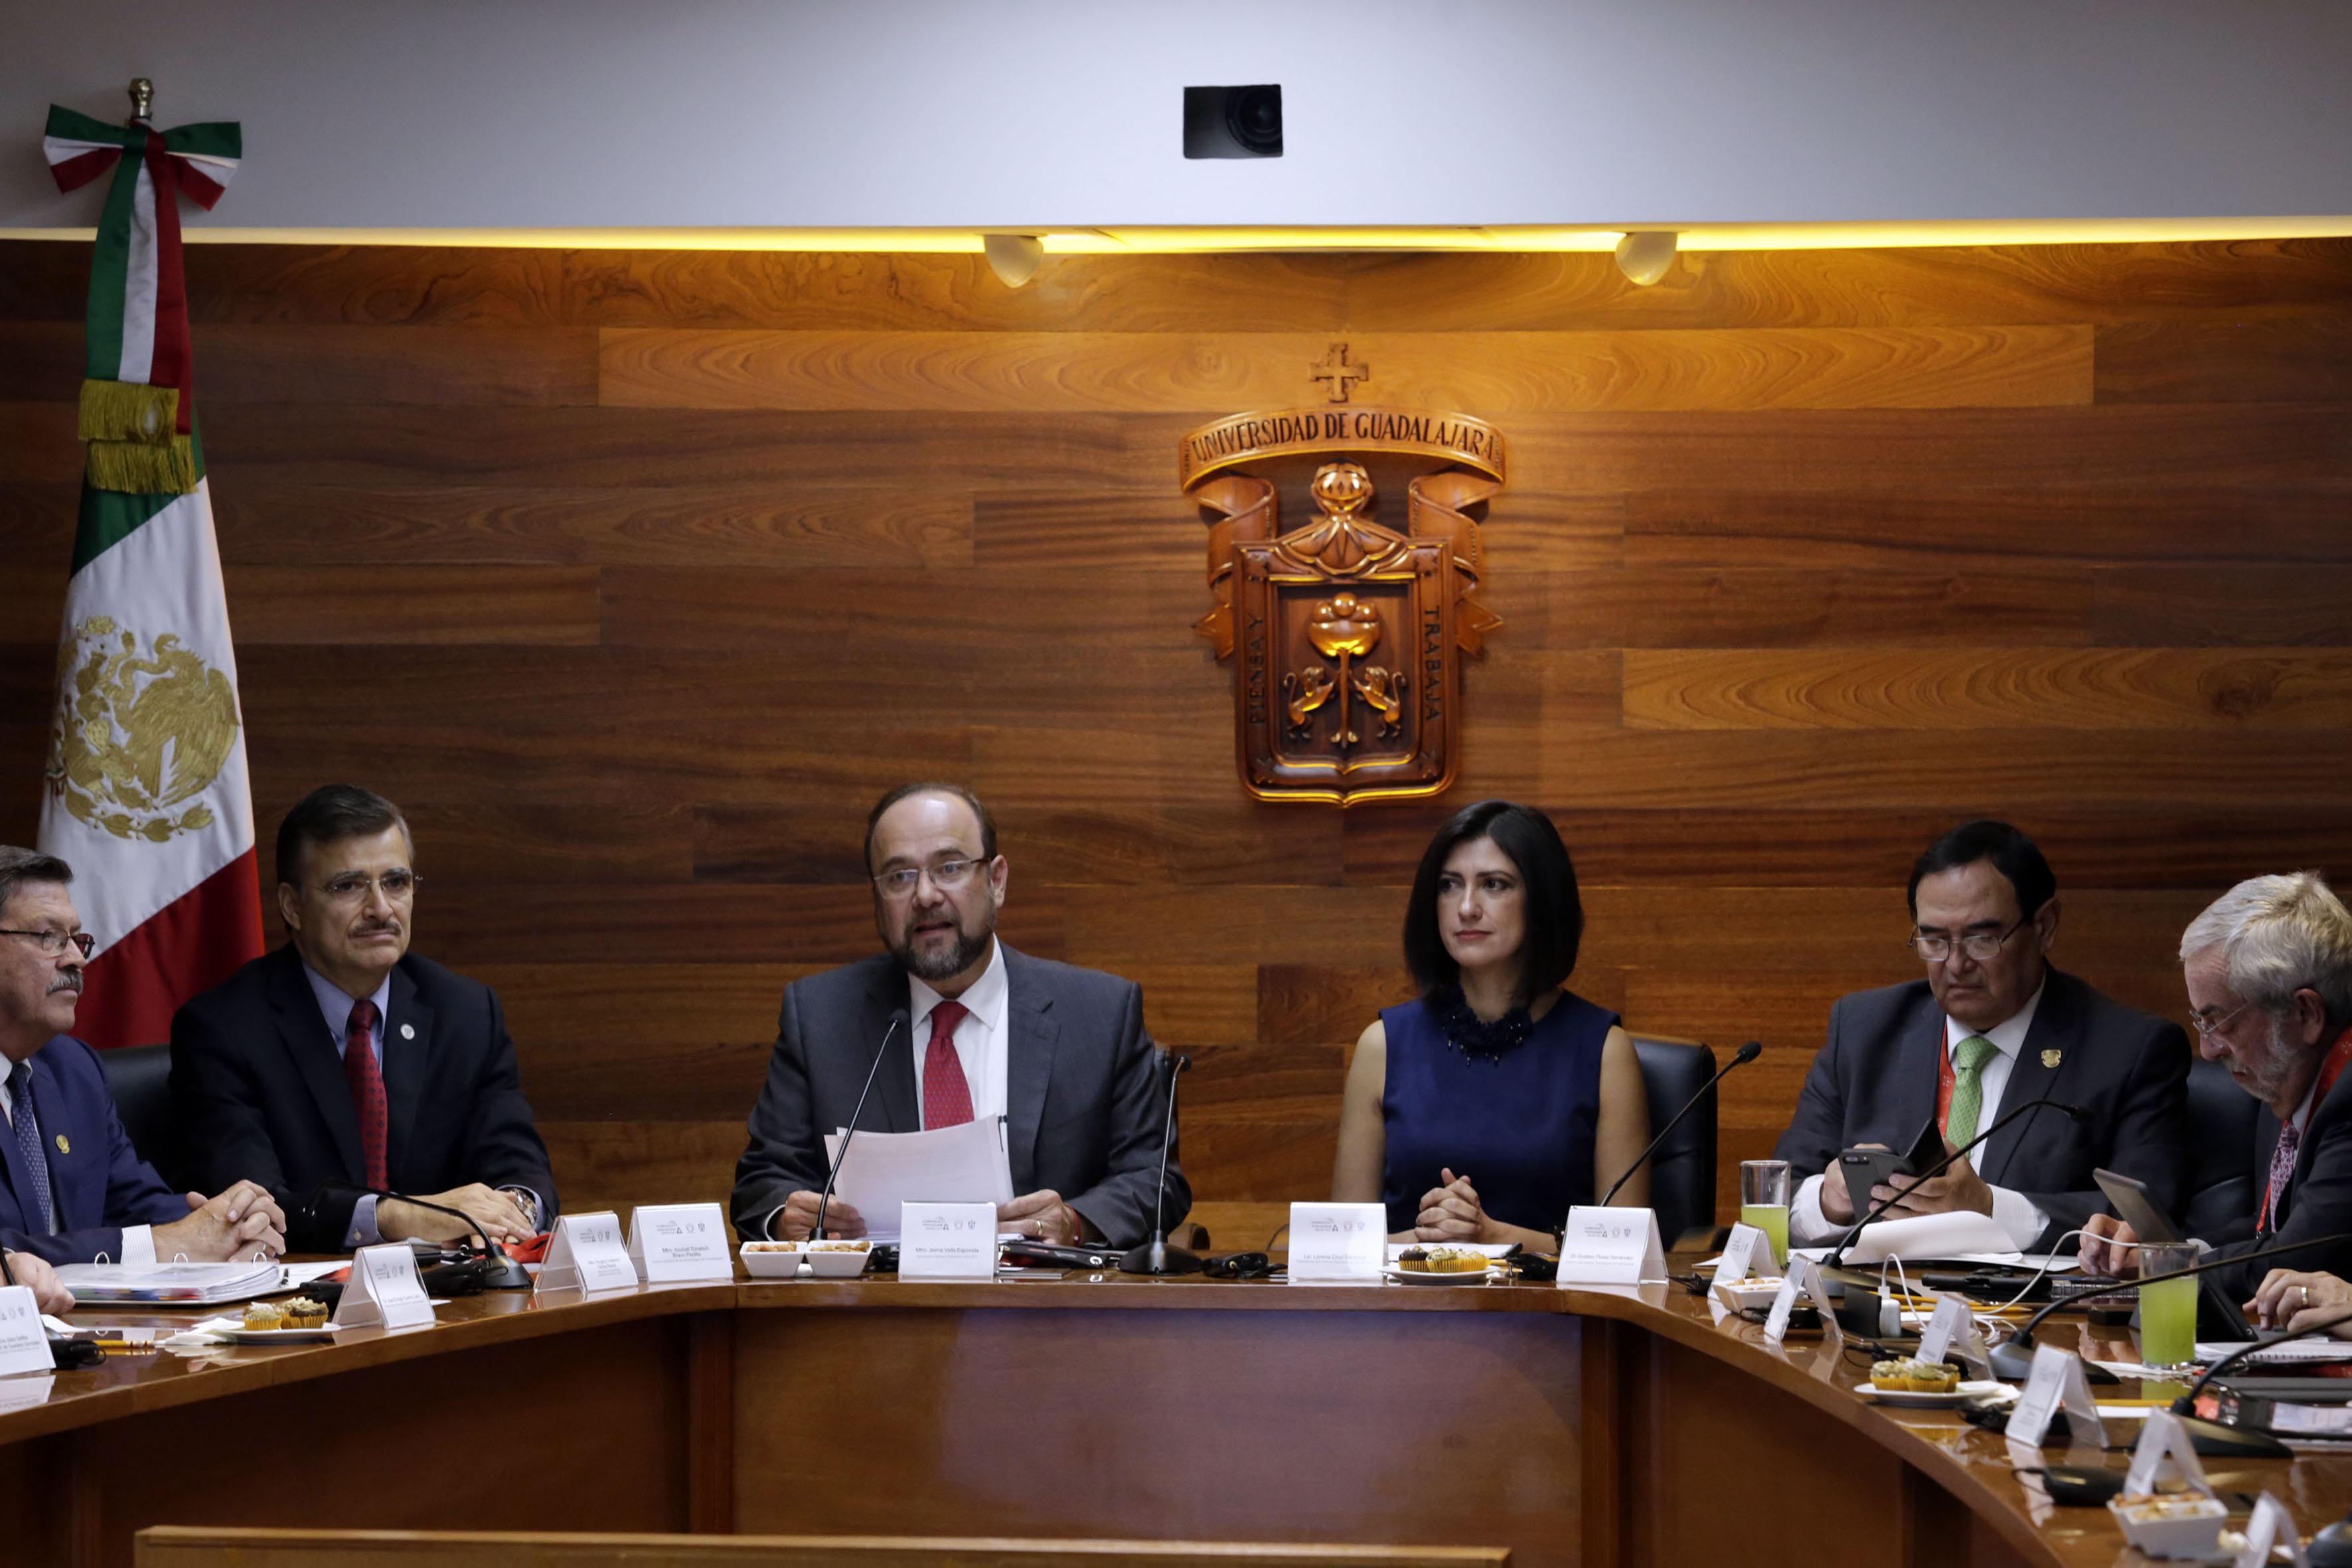 Secretario General Ejecutivo de la ANUIES, maestro Jaime Valls Esponda, haciendo uso de la palabra